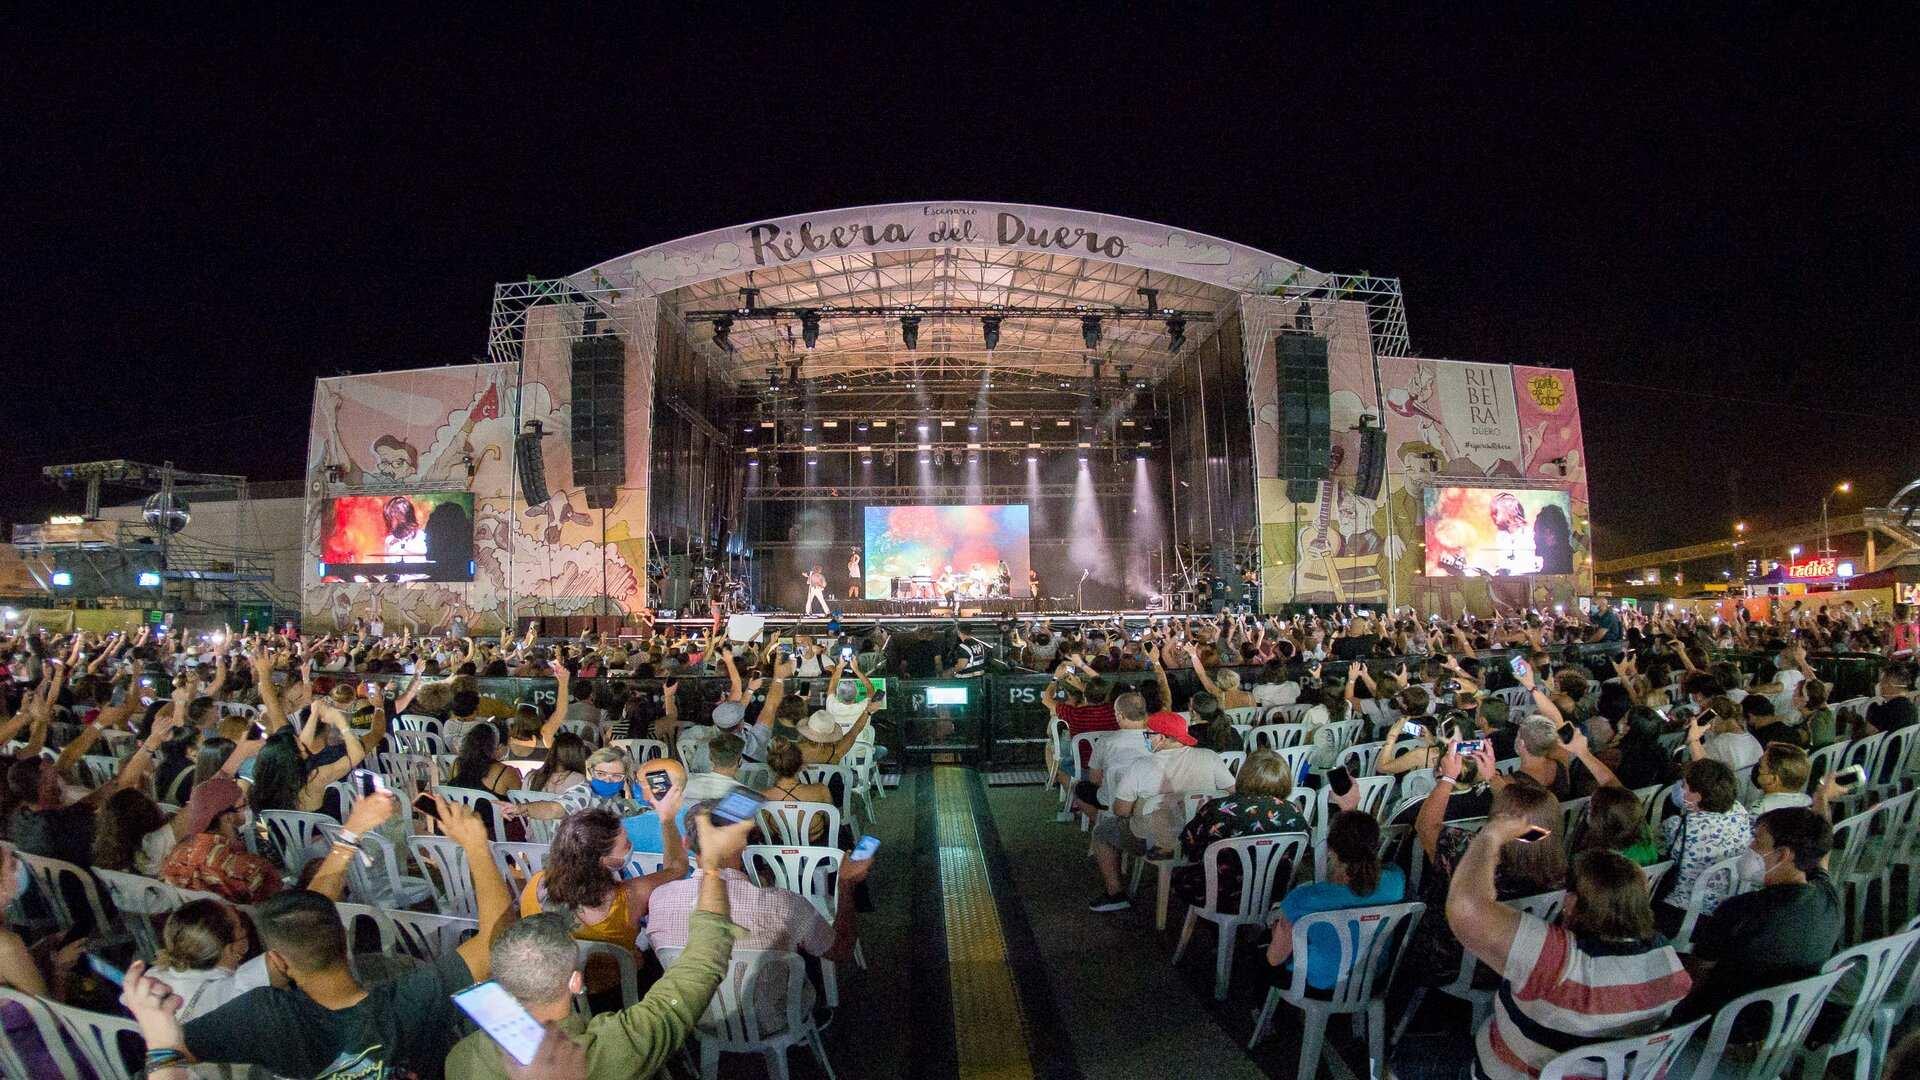 5.000 asistentes disfrutaron de botellas de Ribera de Duero en la vuelta de Sonorama Ribera